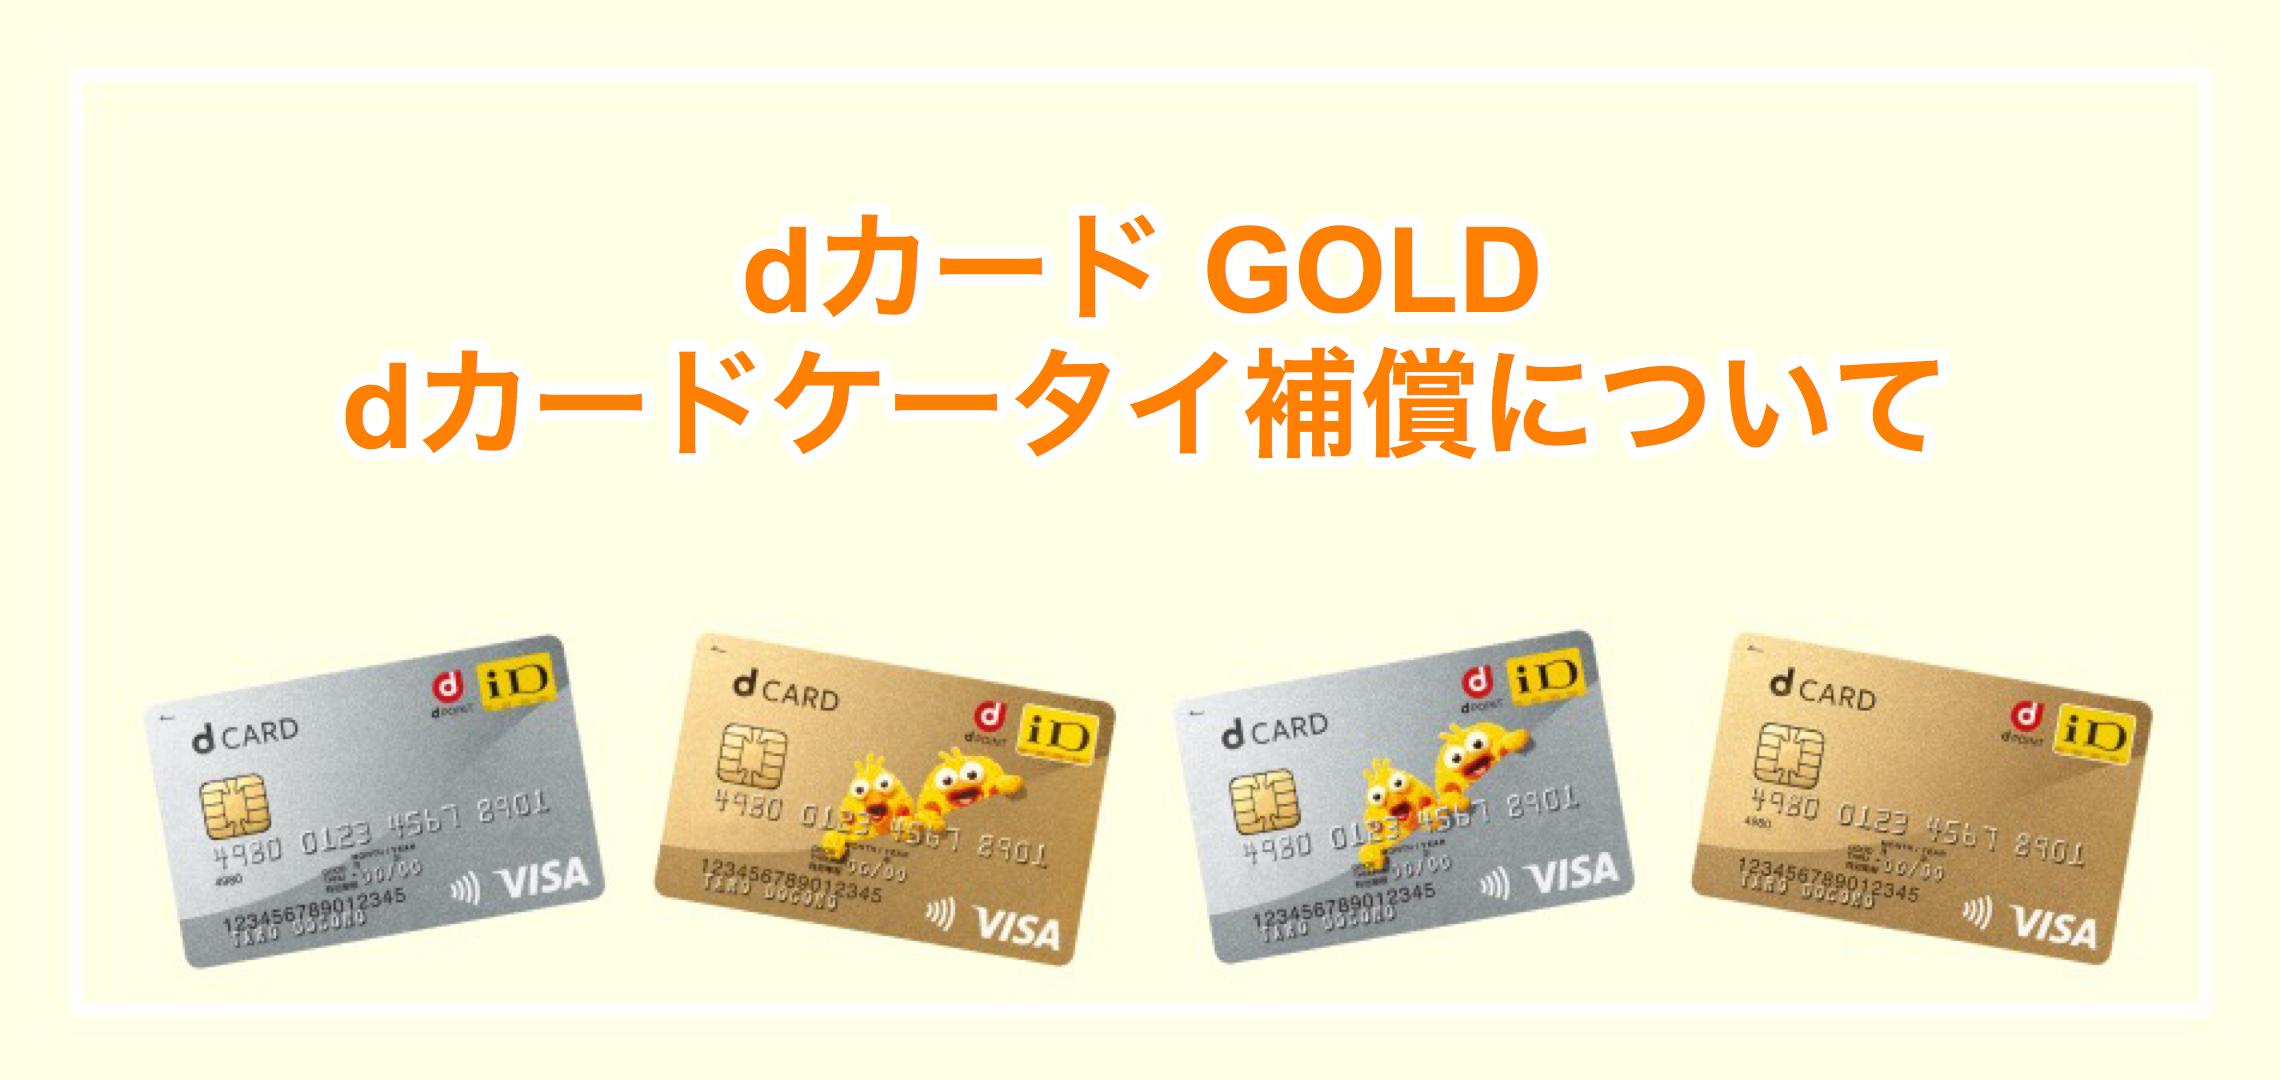 dカード GOLD dカードケータイ補償について